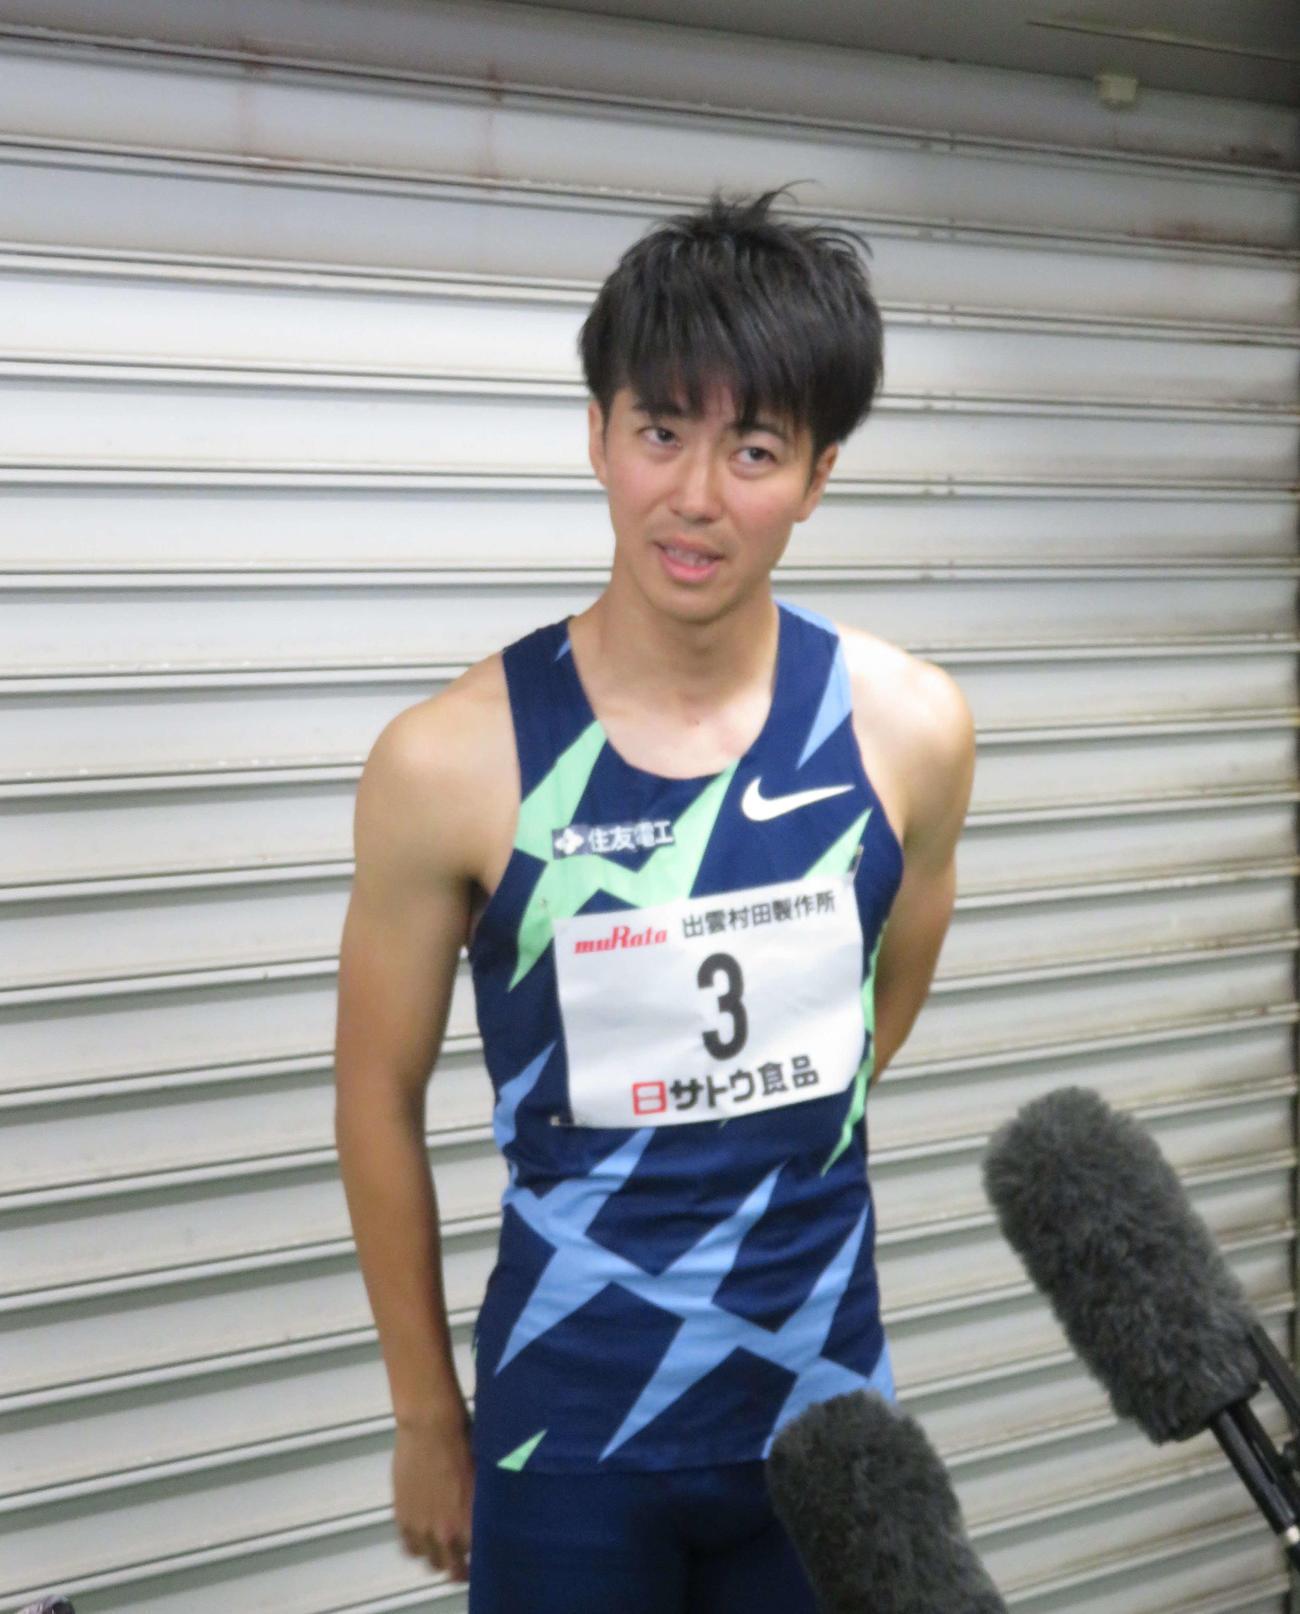 出雲陸上特別レース男子100メートル決勝後、取材に応じる多田(撮影・上田悠太)